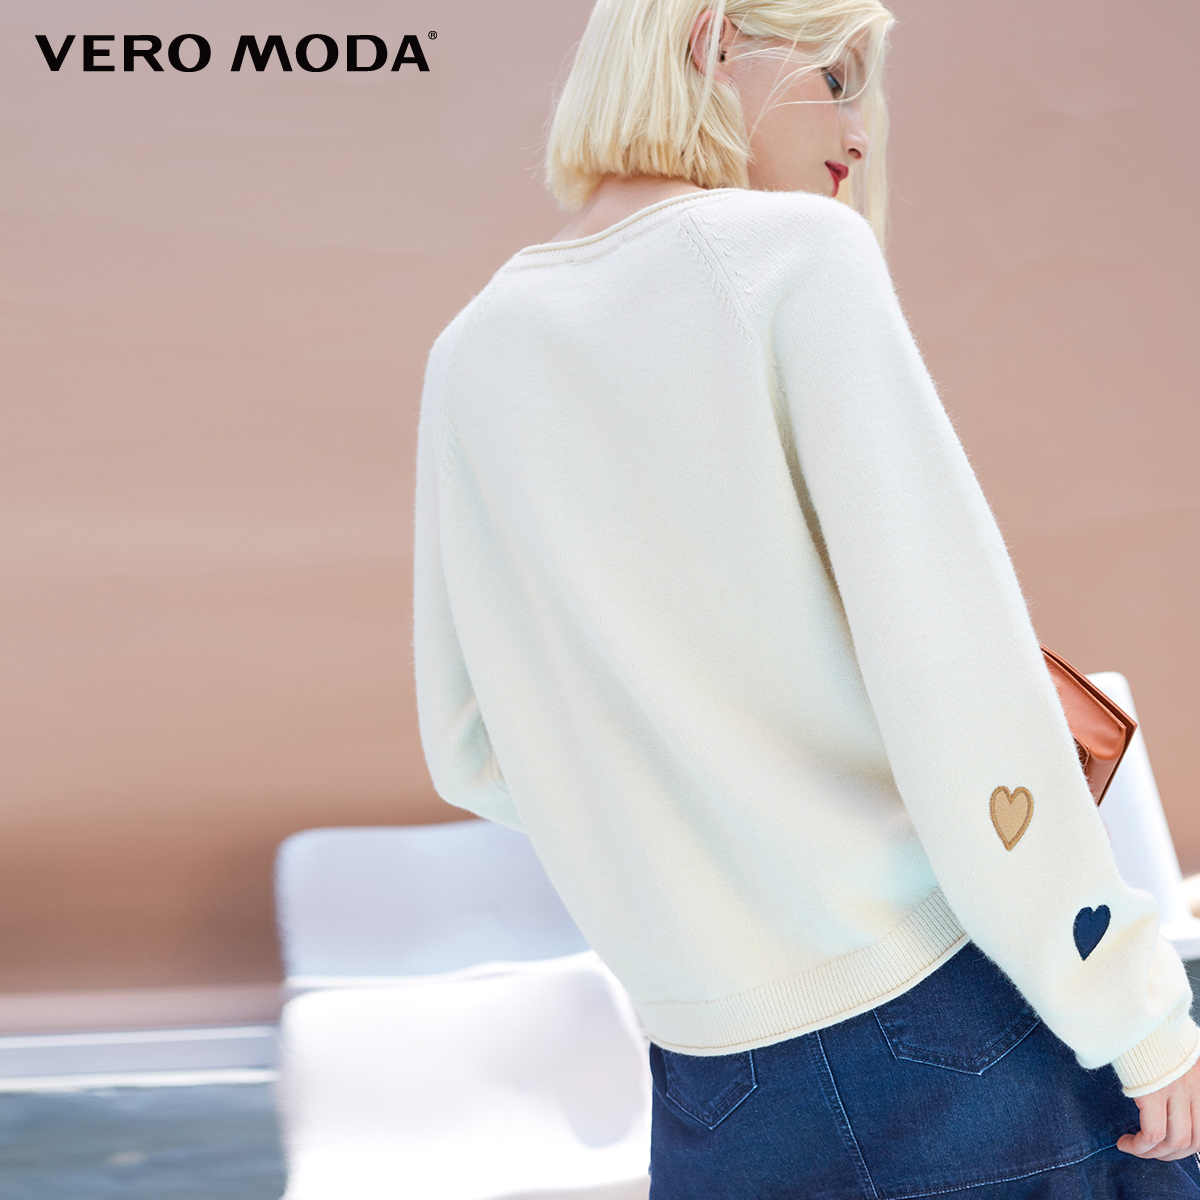 Vero Moda 2019 свитер женский женский свитер с узором в виде сердца и открытыми плечами, свободный крой, шикарный | 318313505